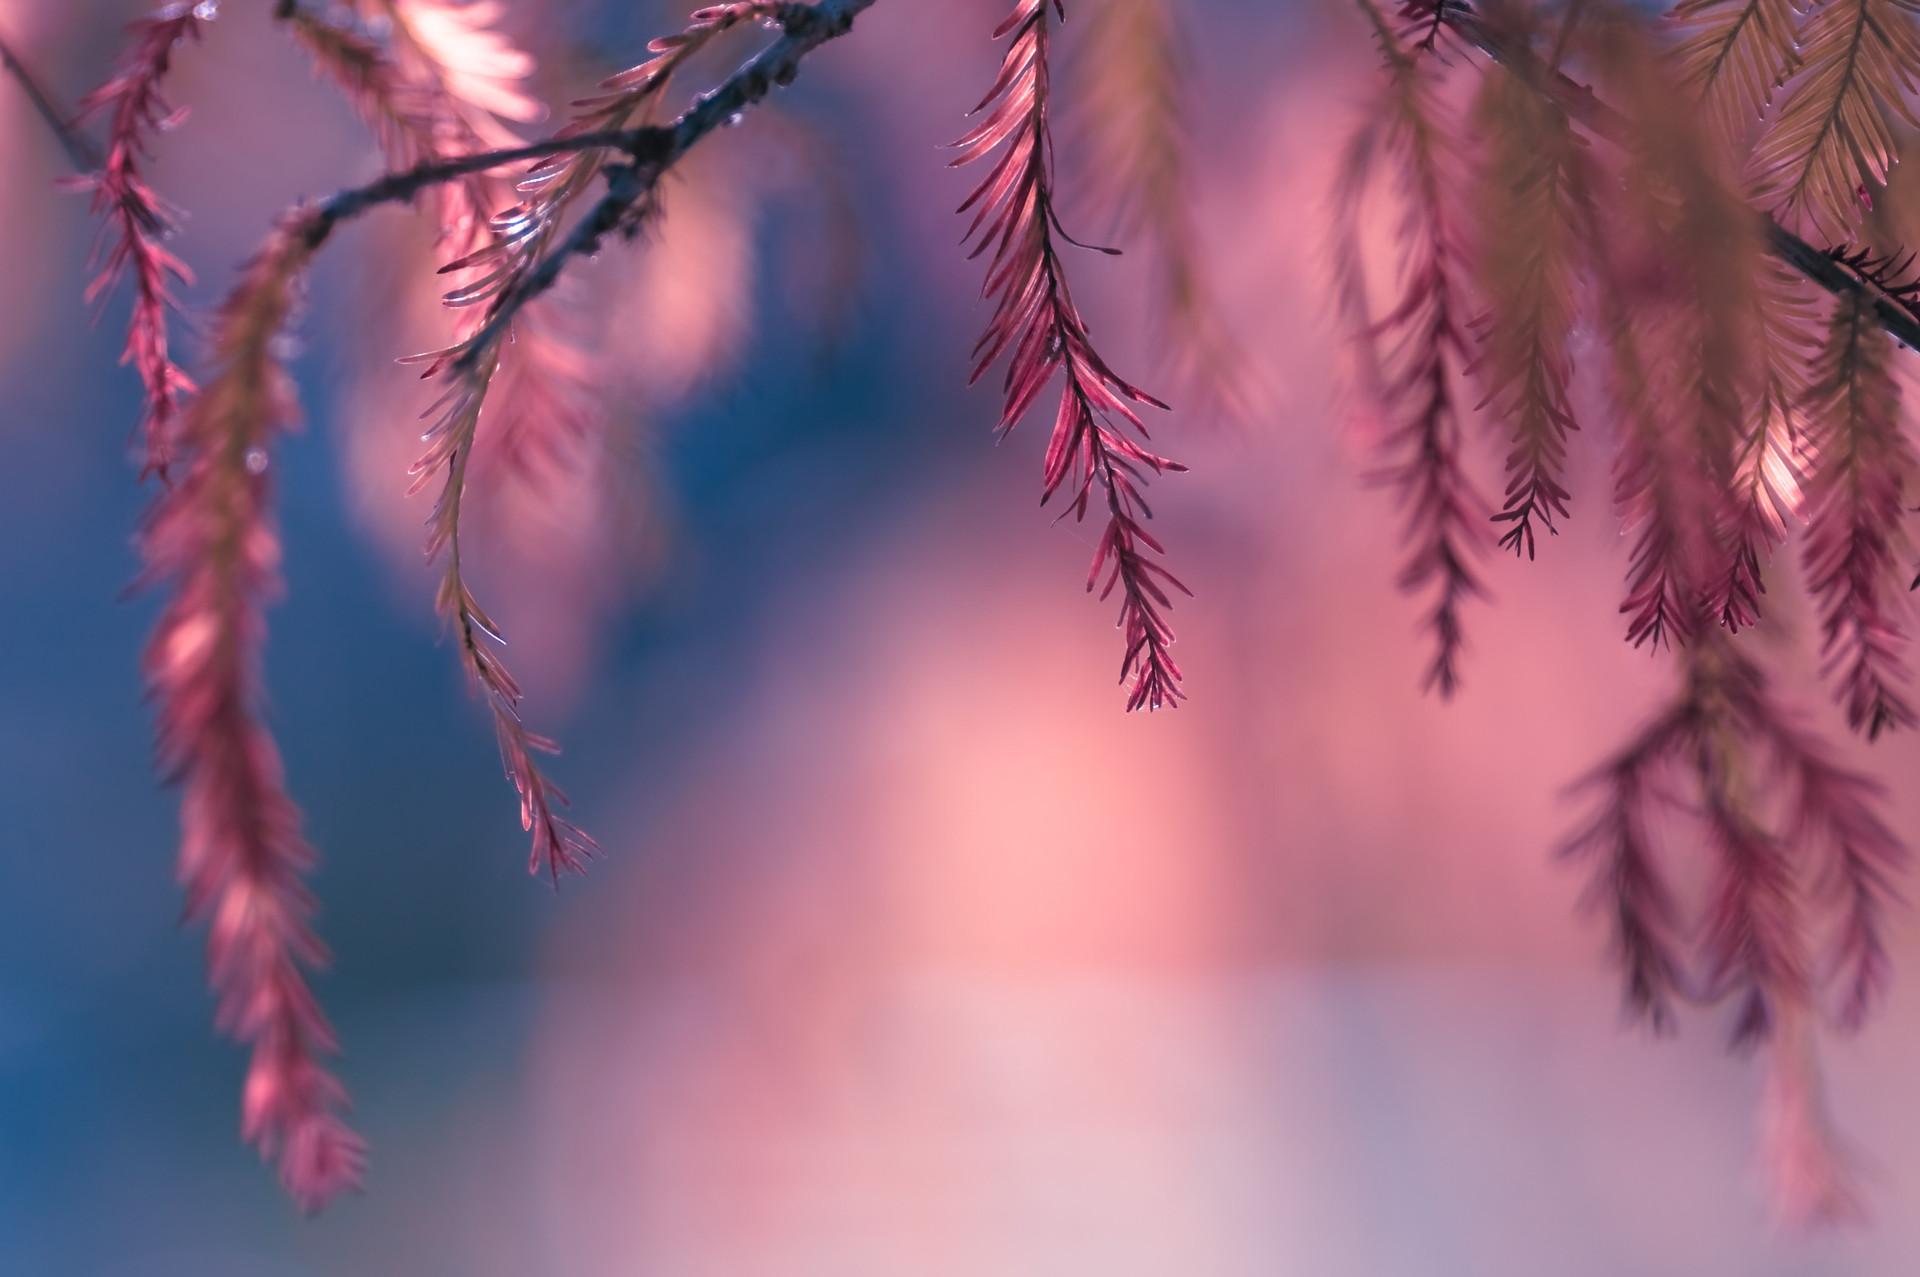 зима листья ветка природа бесплатно